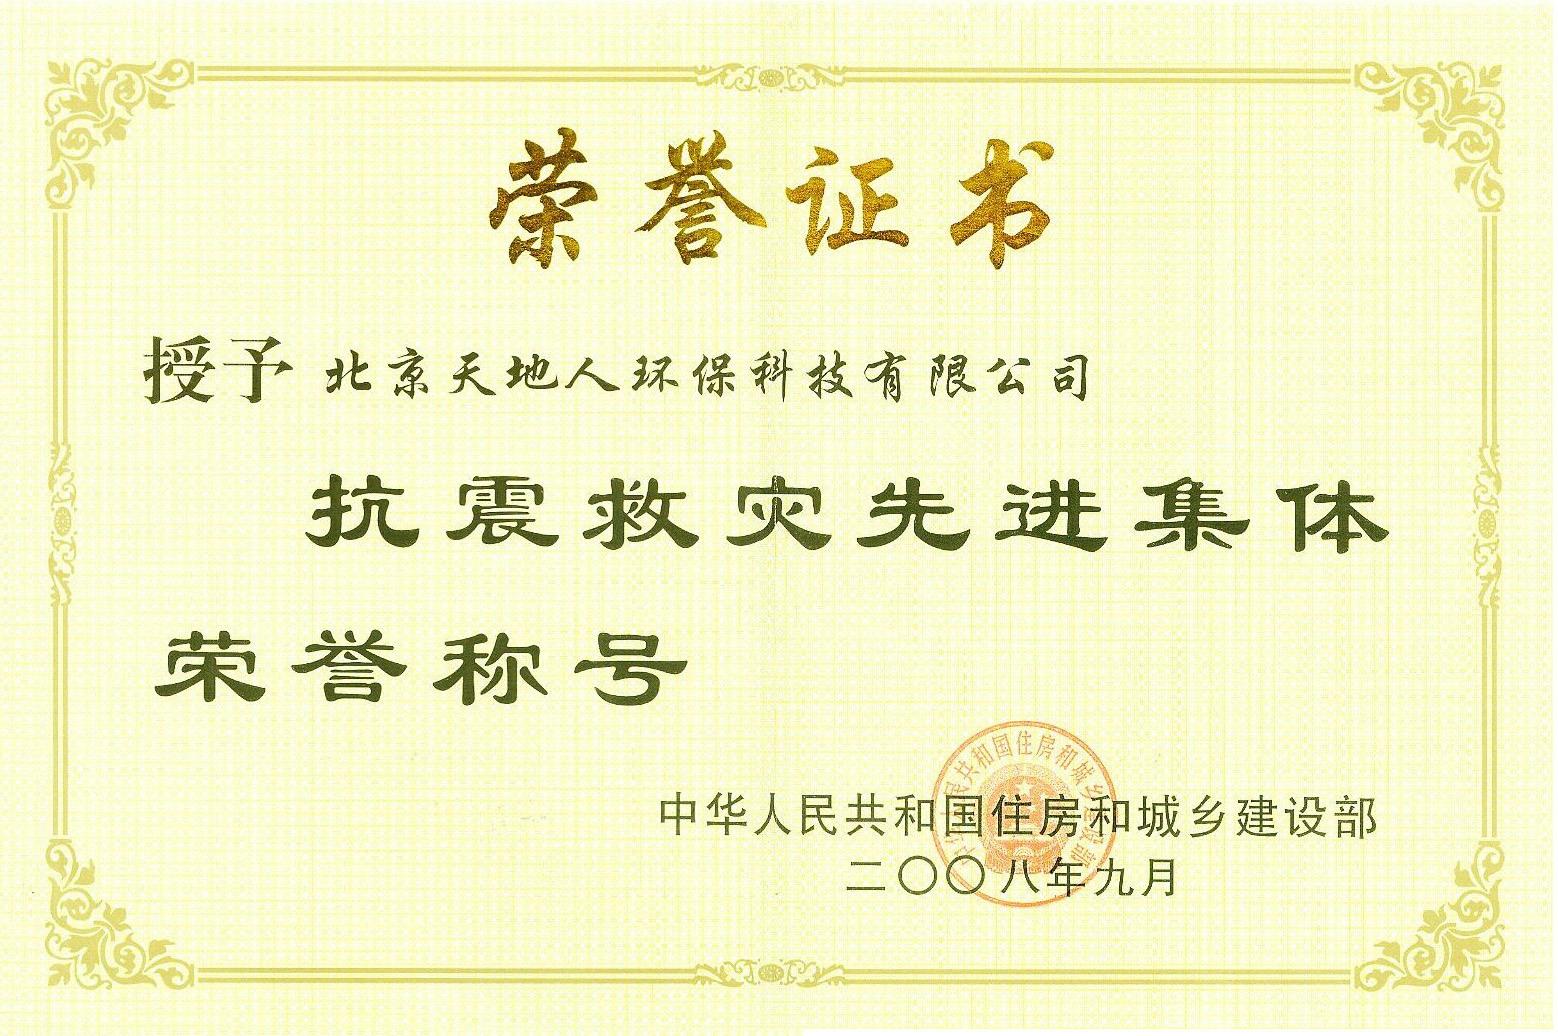 抗震救灾荣誉证书